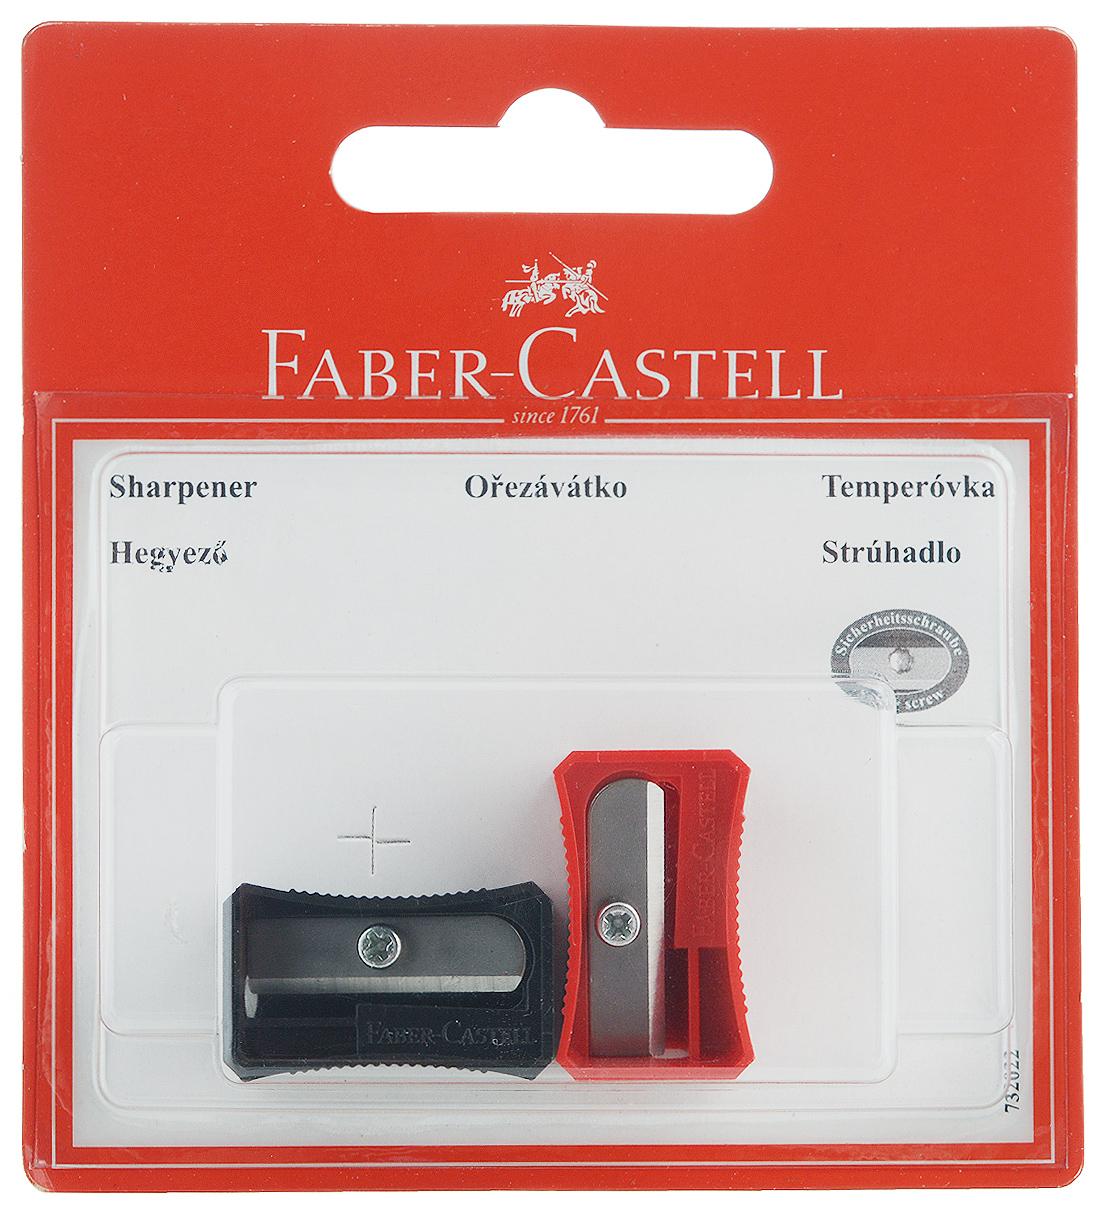 Faber-Castell Точилка цвет черный красный 2 шт263221_черный, красныйНабор точилок Faber-Castell предназначен для затачивания классических простых и цветных карандашей. В наборе две точилки из прочного пластика с рифленой областью захвата. Острые стальные лезвия обеспечивают высококачественную и точную заточку деревянных карандашей.